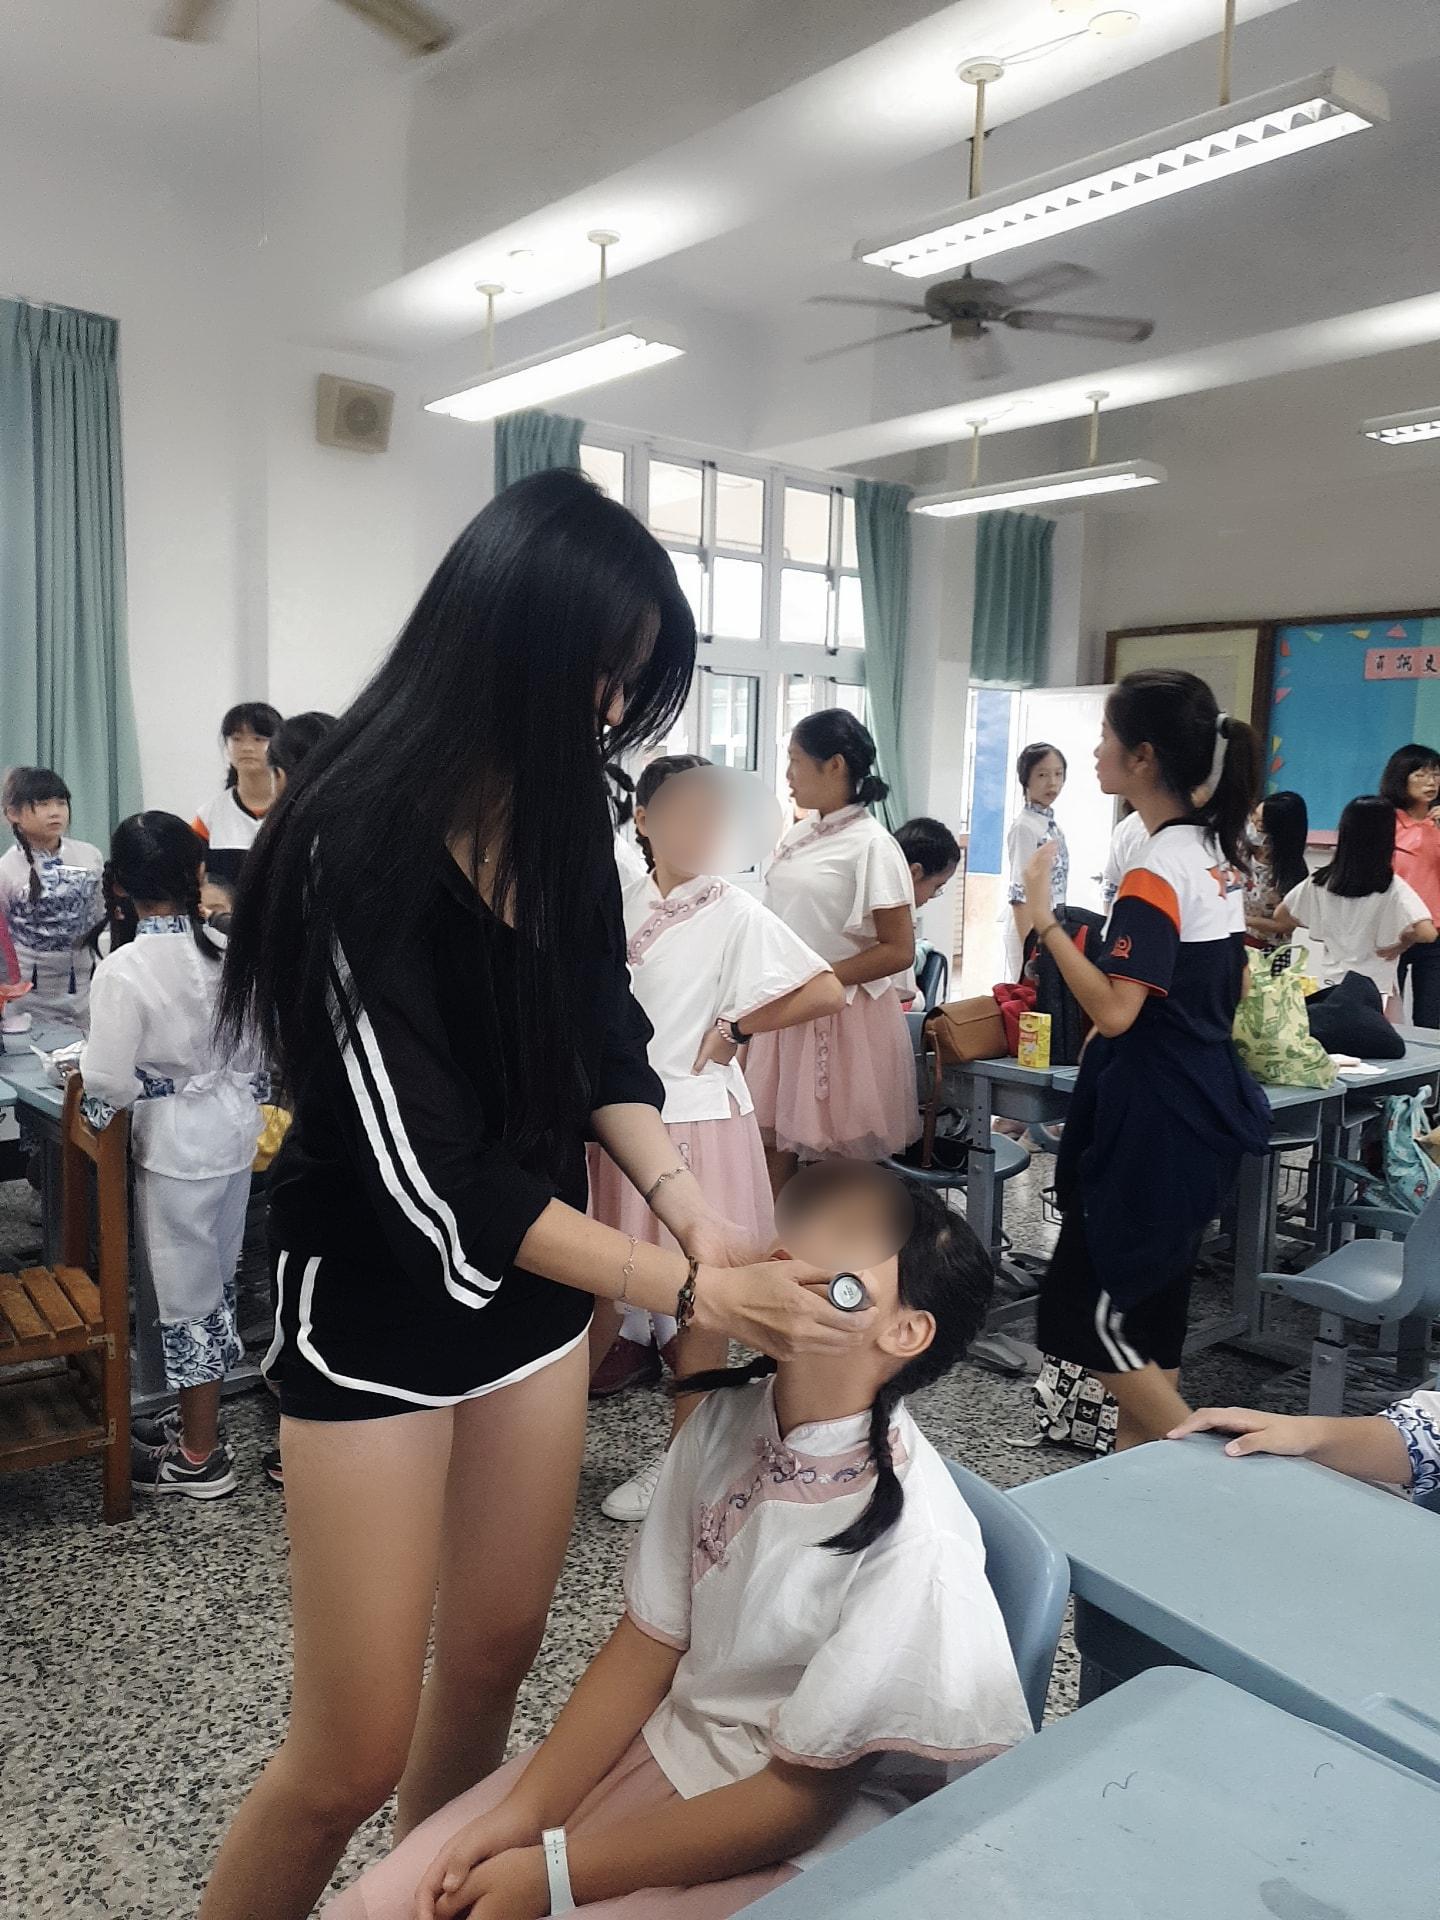 性感妈妈温灵筱女儿运动会当义工真理裤露长腿 吃瓜基地 第3张